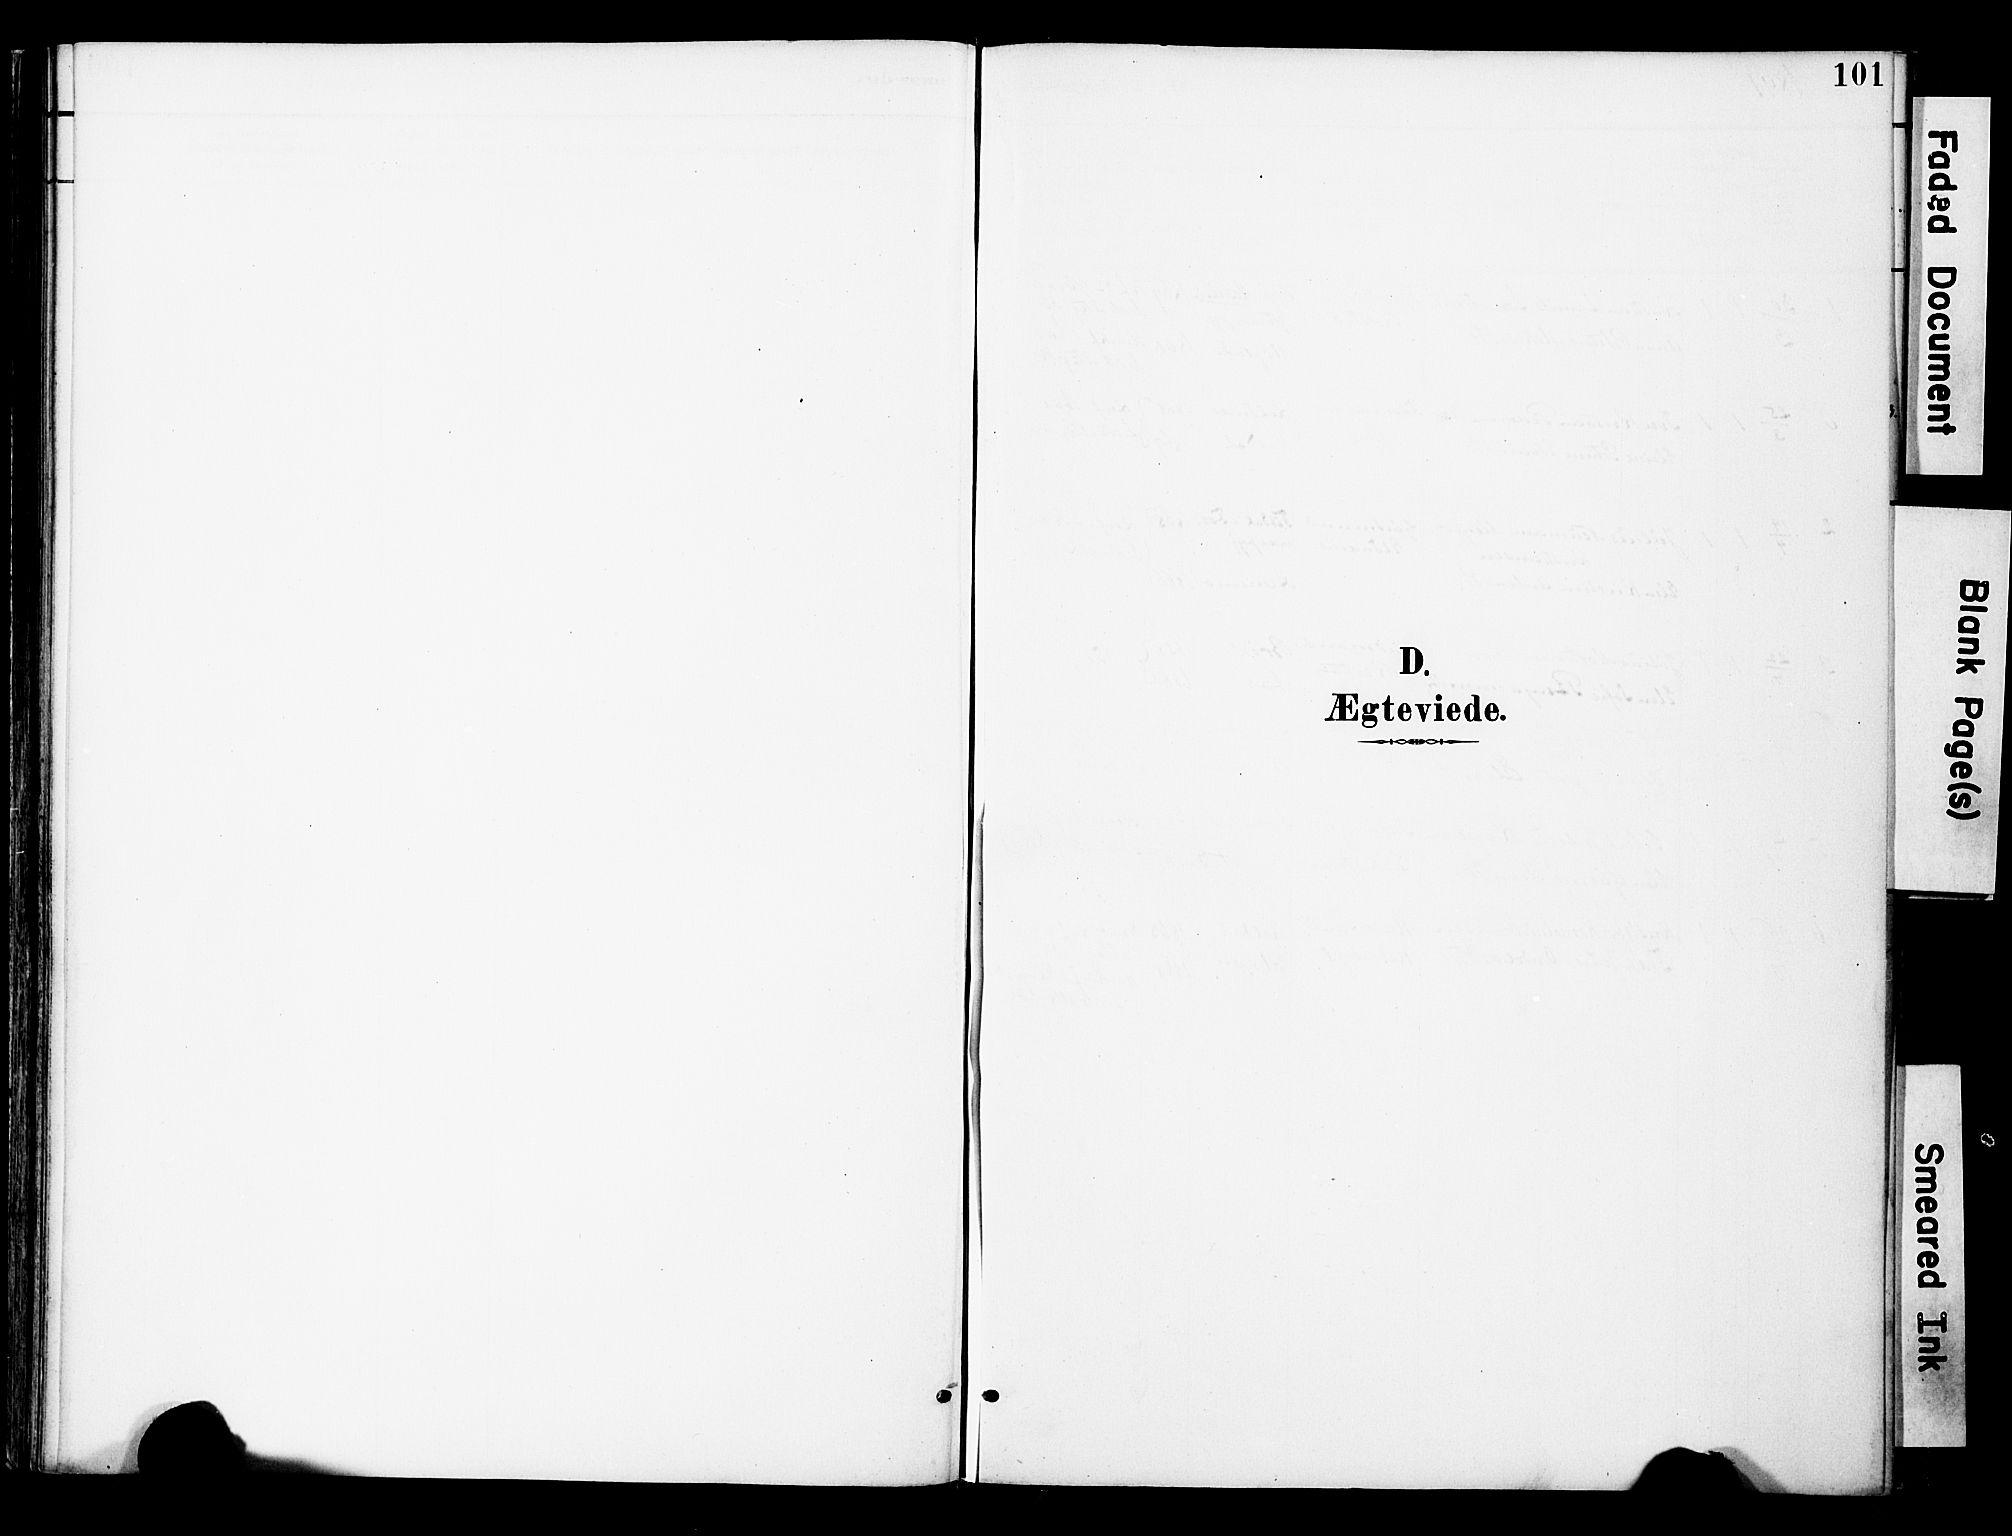 SAT, Ministerialprotokoller, klokkerbøker og fødselsregistre - Nord-Trøndelag, 742/L0409: Ministerialbok nr. 742A02, 1891-1905, s. 101